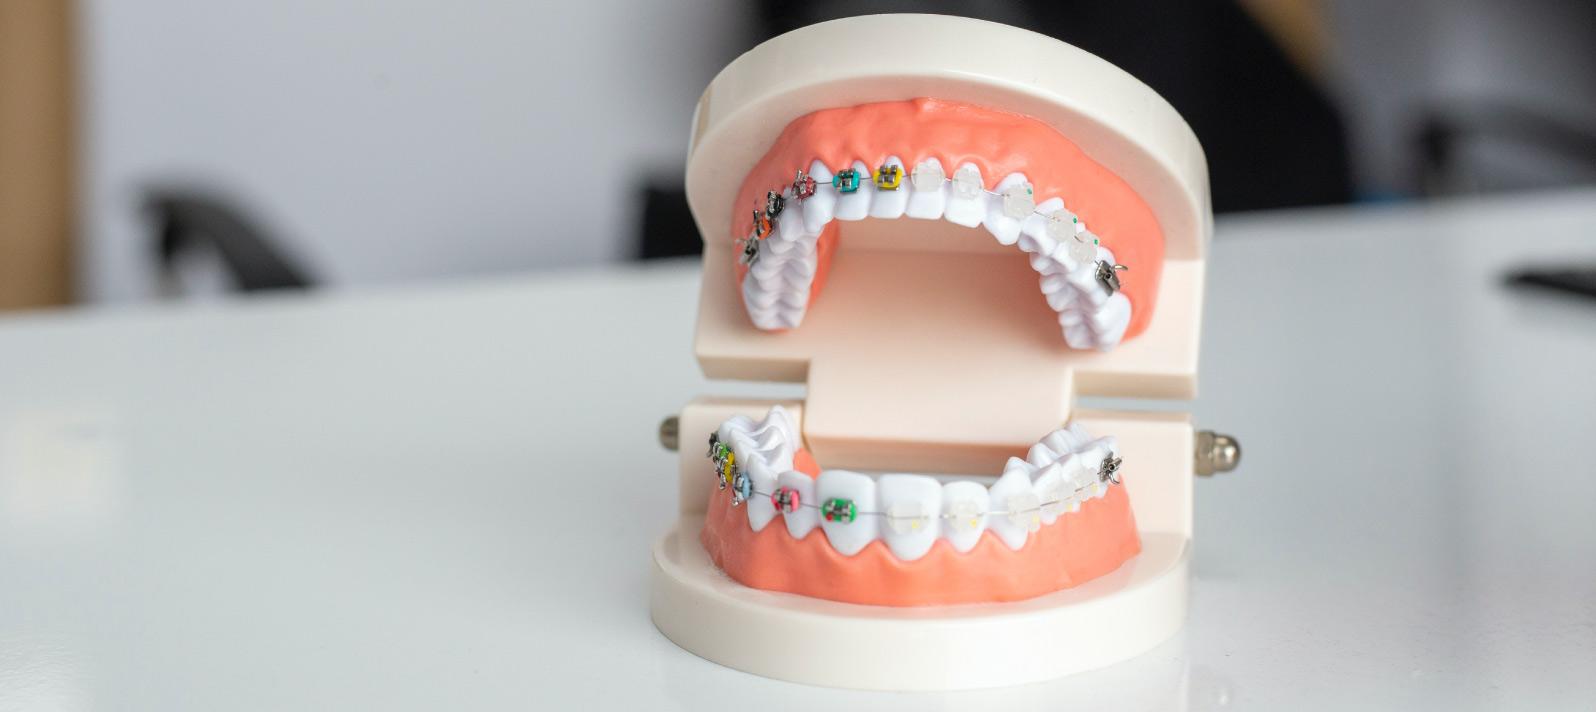 La ortodoncia con brackets permite conseguir una sonrisa bonita y equilibrada